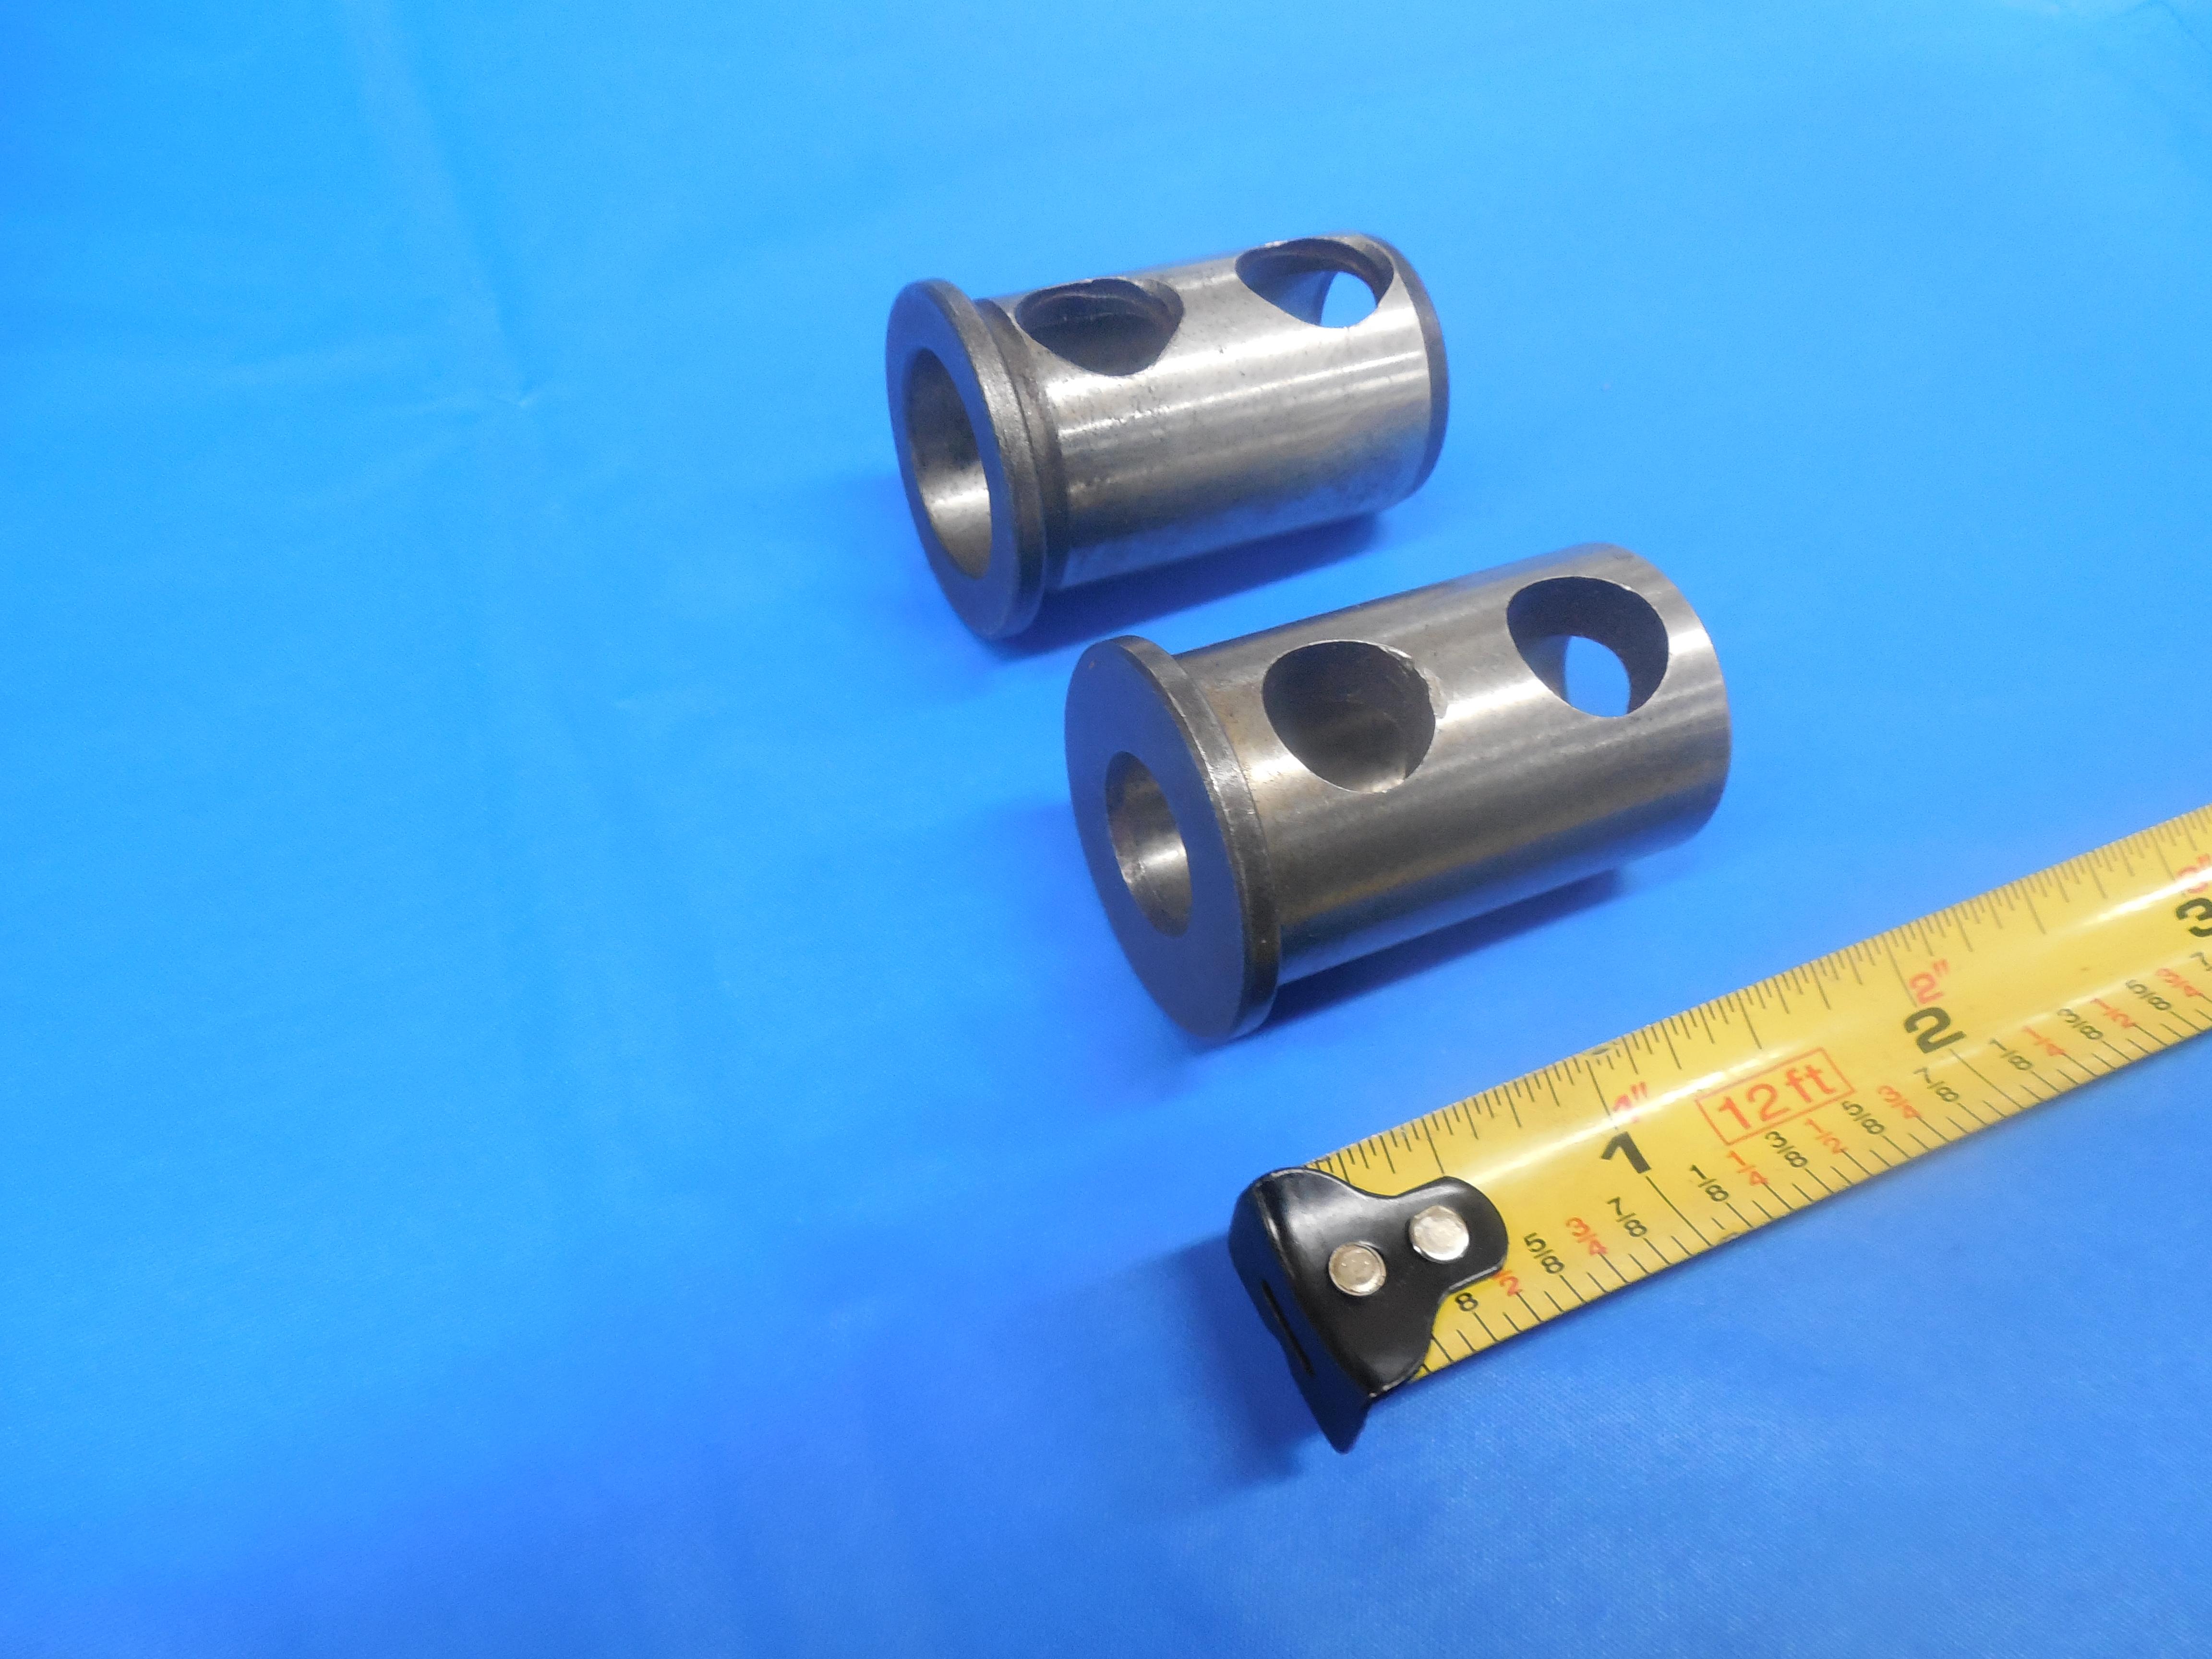 BORING BAR BUSHING CNC LATHE 3 1//2 LONG MACHINE SHOP TOOL 3//4 I.D X 1 1//4 O.D